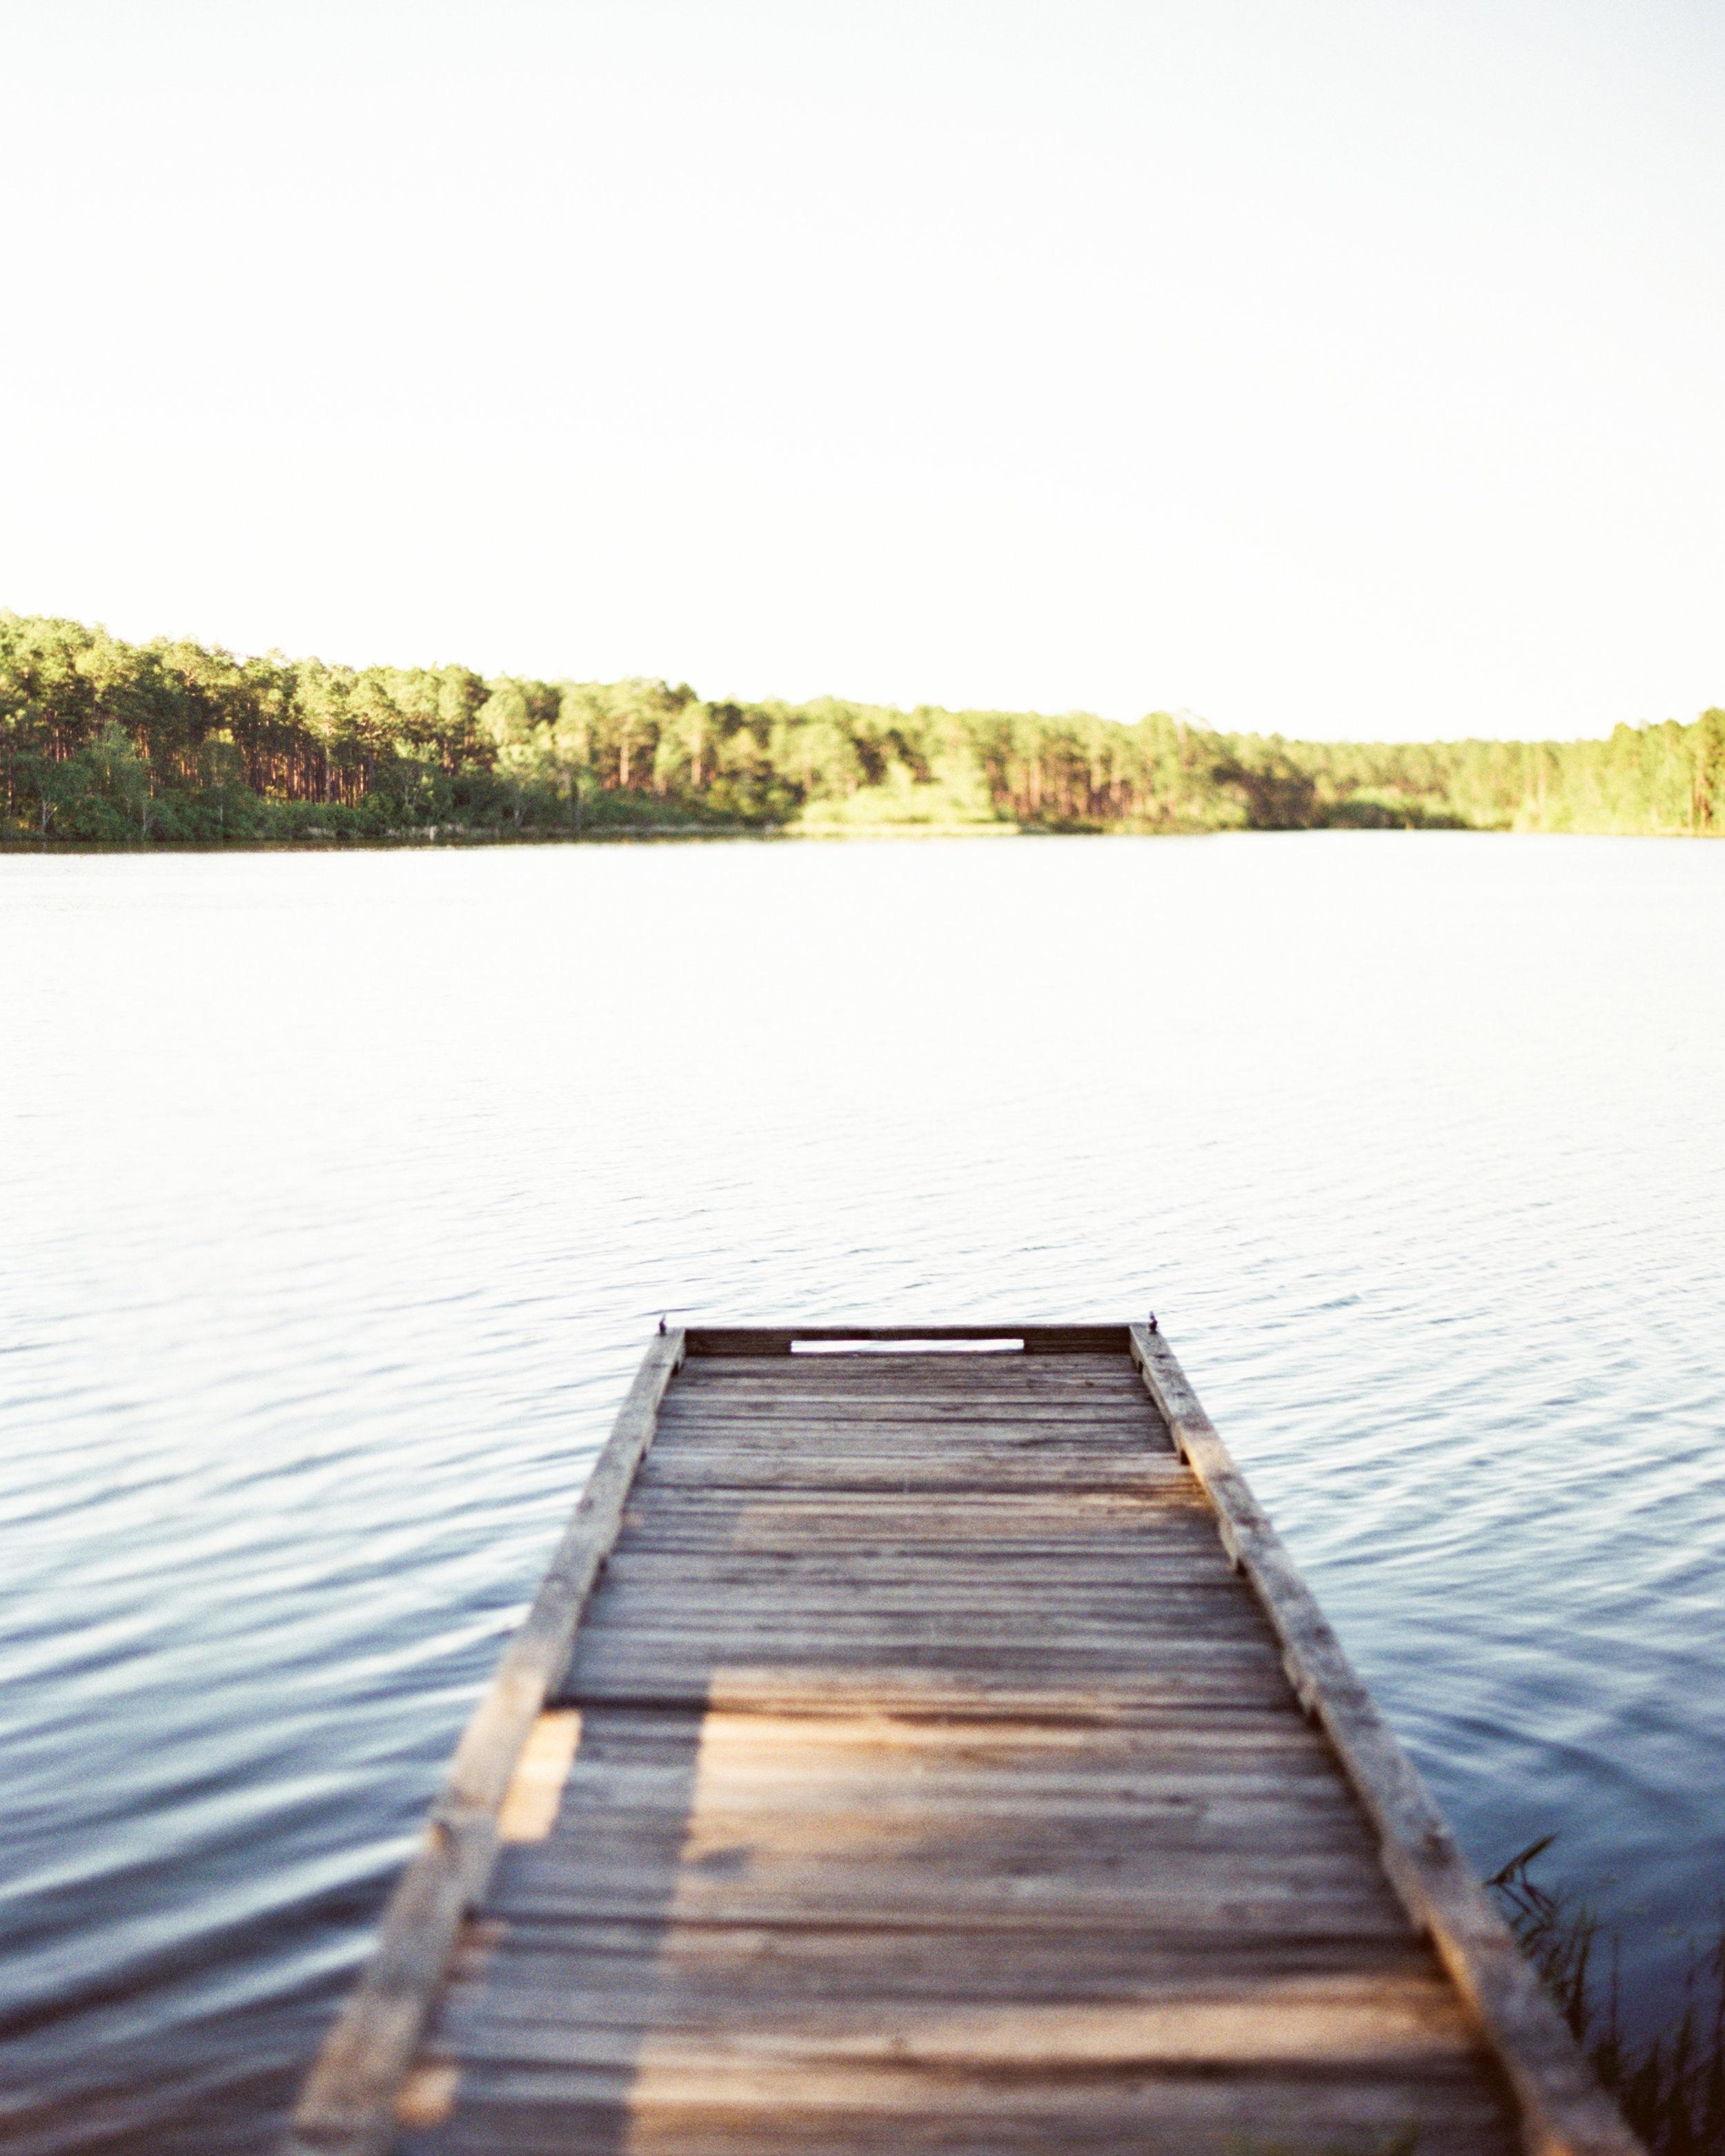 B. Pier at Bear Lake